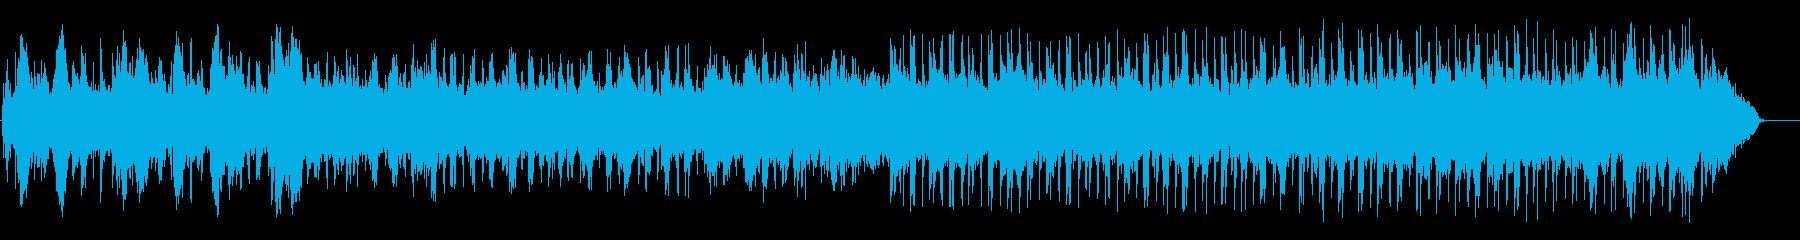 α波を誘うリラクゼーション系ポップスの再生済みの波形